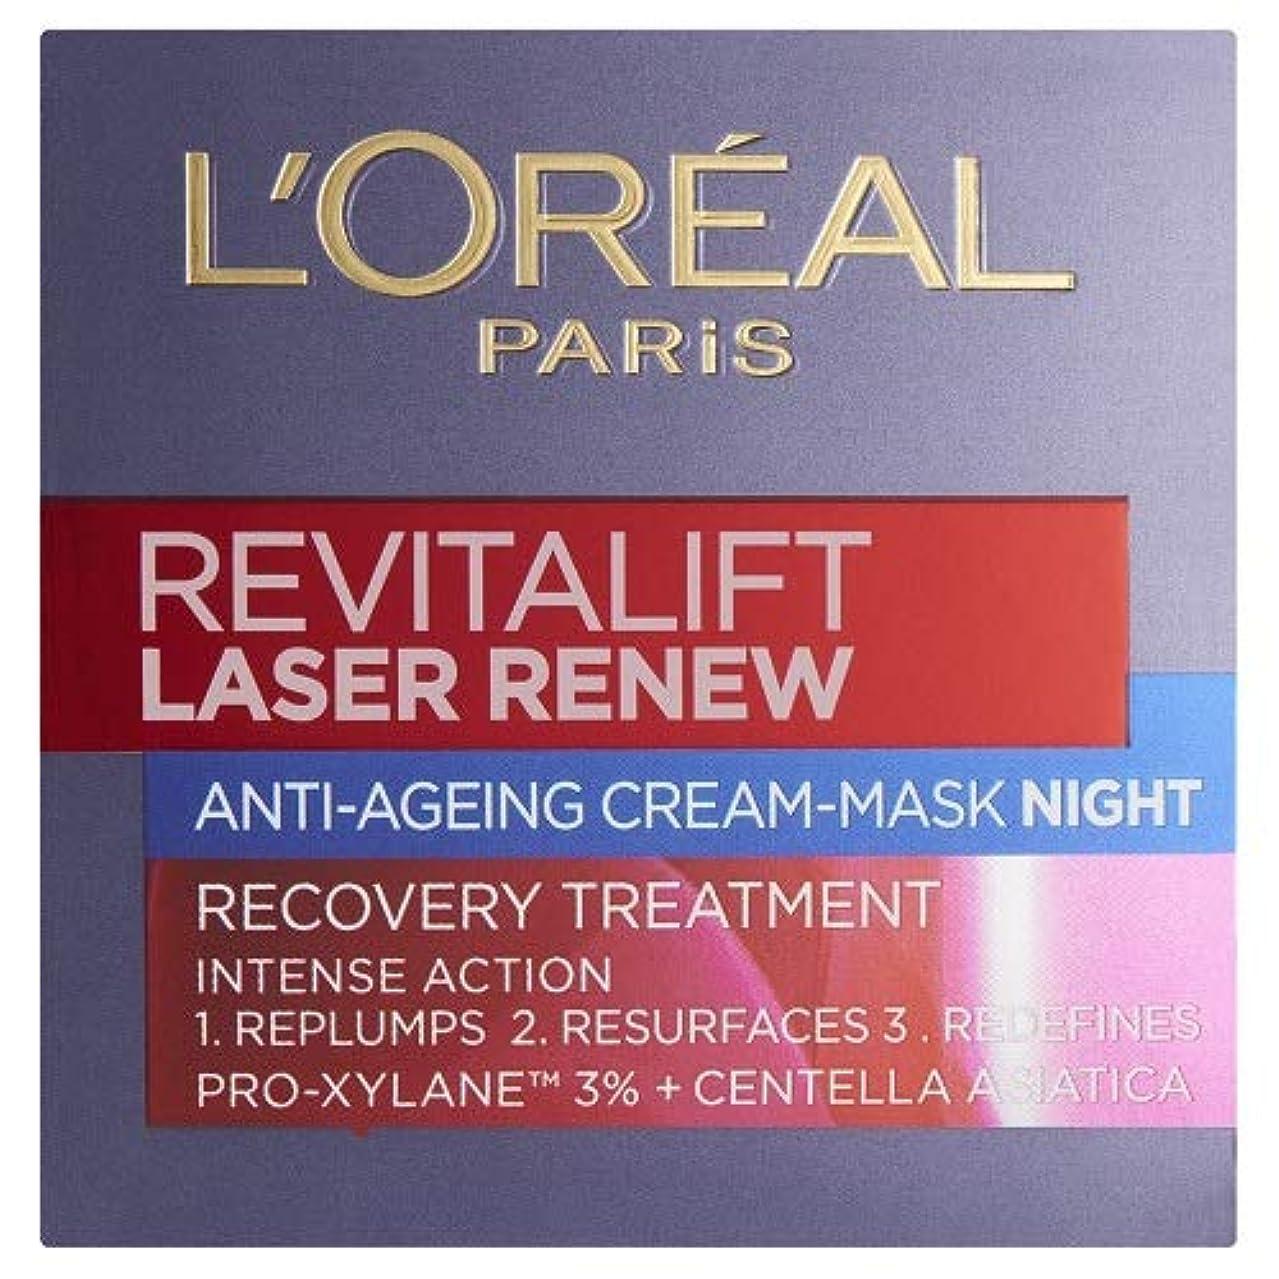 不均一ストラップペレットL'Oreal Paris Revitalift Laser Renew Night Cream (50ml) パリrevitaliftレーザーはナイトクリームを更新l'オラ?ら( 50ミリリットル)